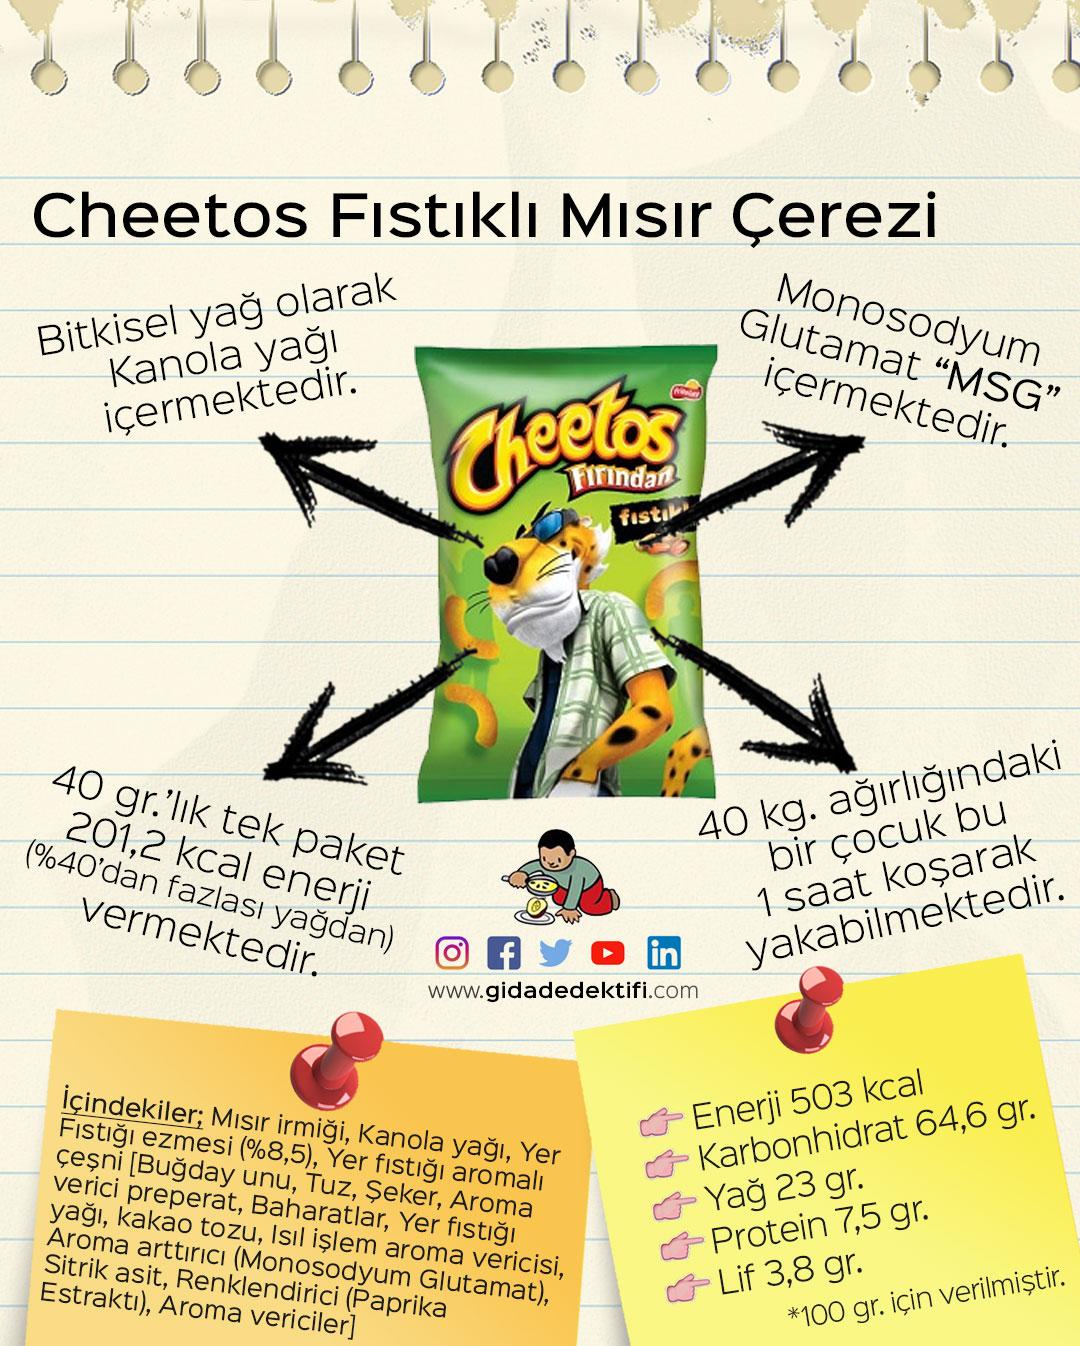 Cheetos-çerez-1